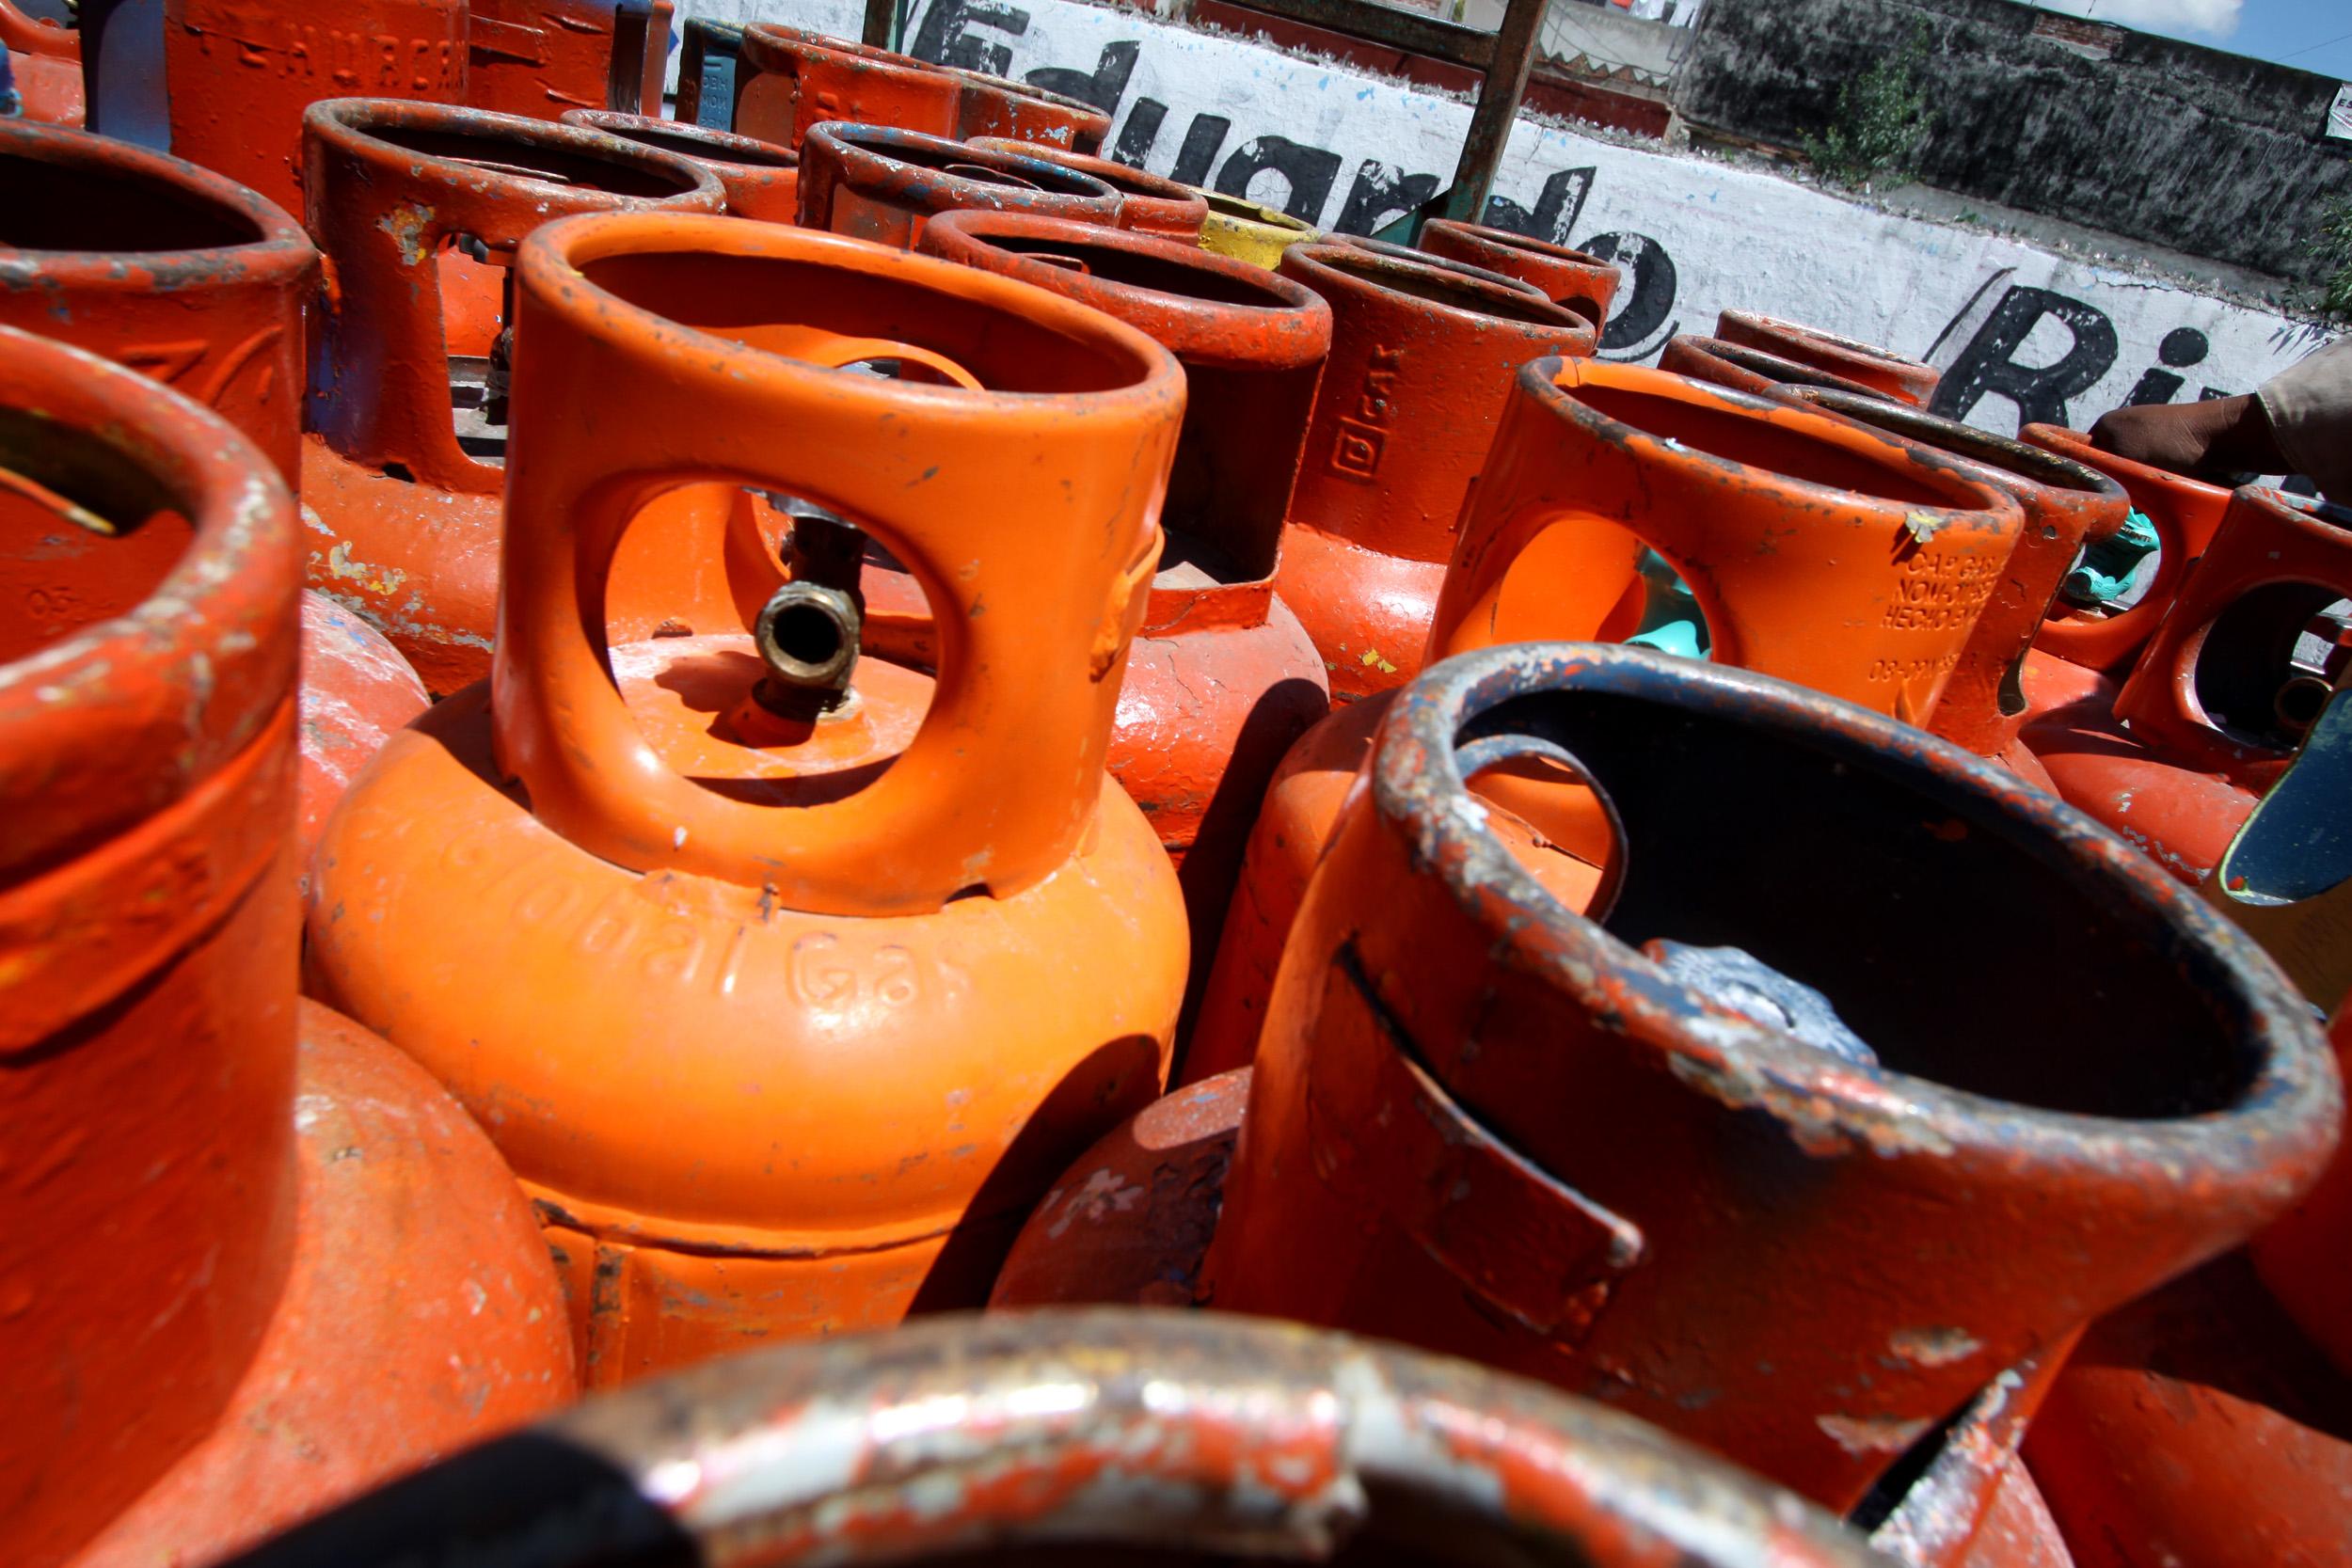 Queda en 24 mil pesos la multa por trasladar tanques de gas en bicicleta